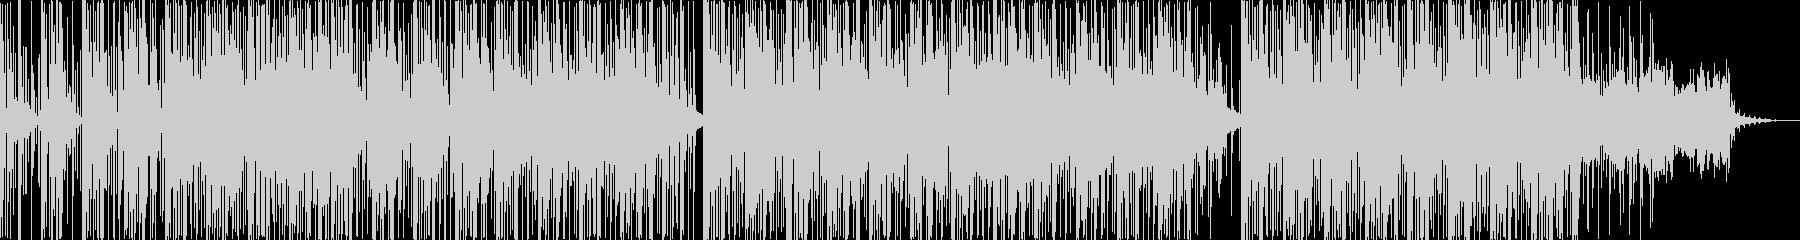 エレクトロニック 技術的な 繰り返...の未再生の波形